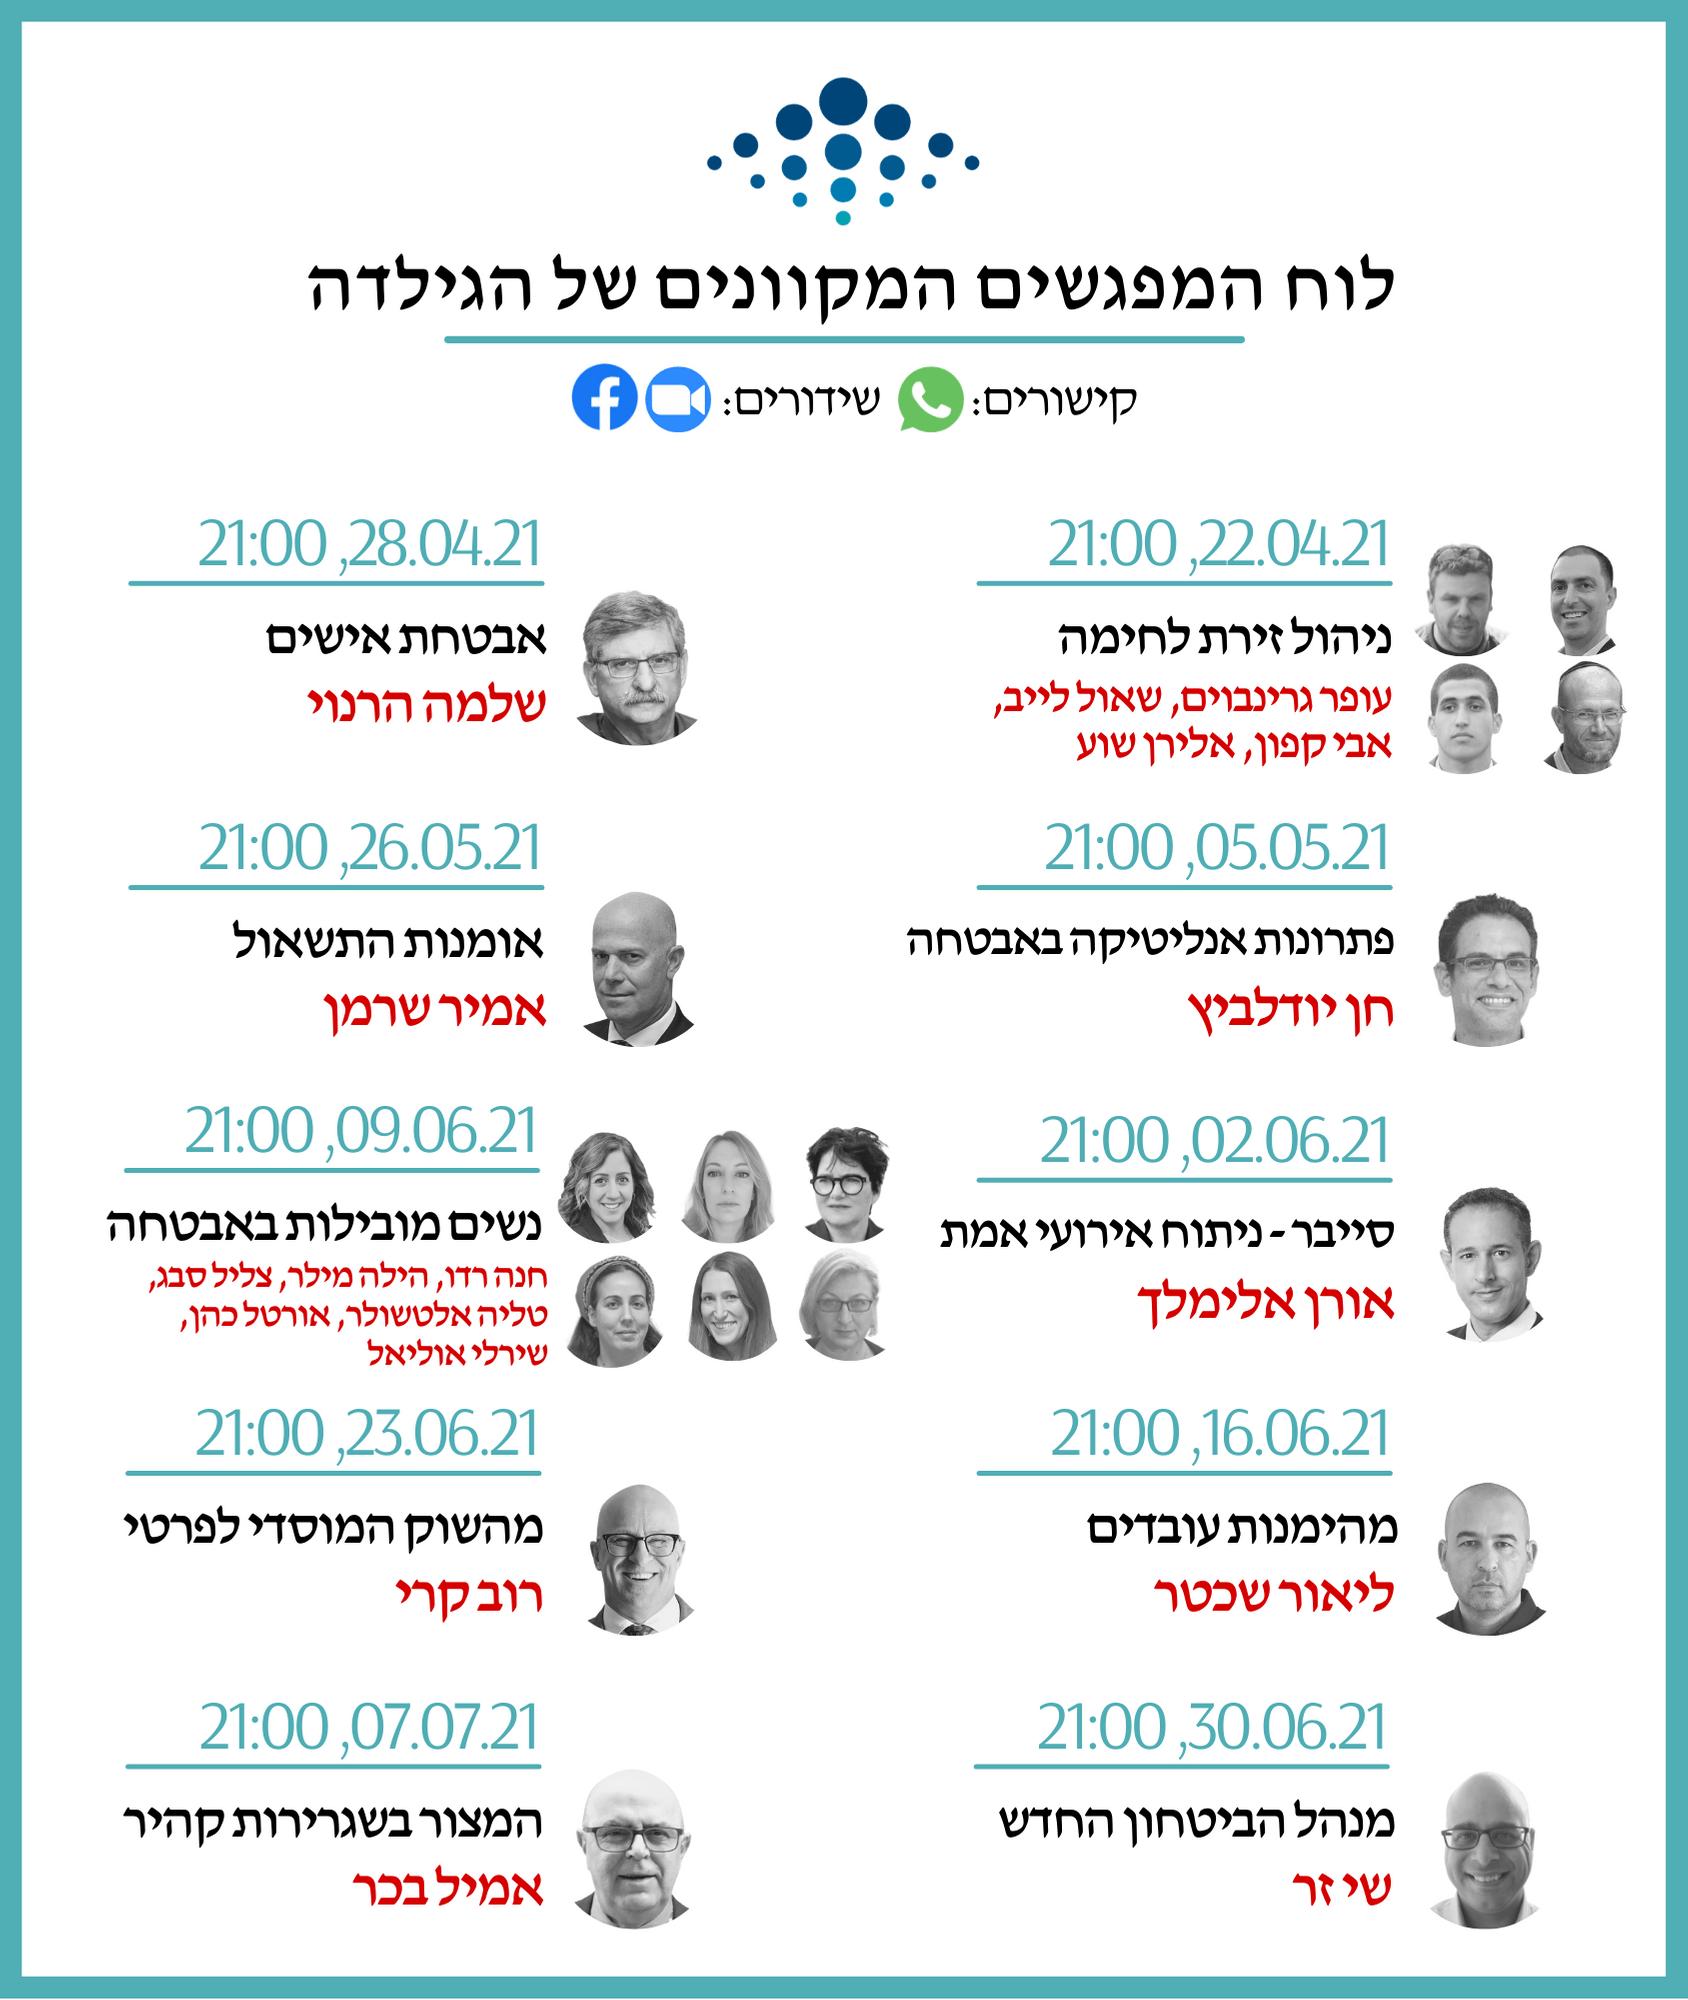 לוח המפגשים המקוונים של הגילדה - אפריל-יולי 21